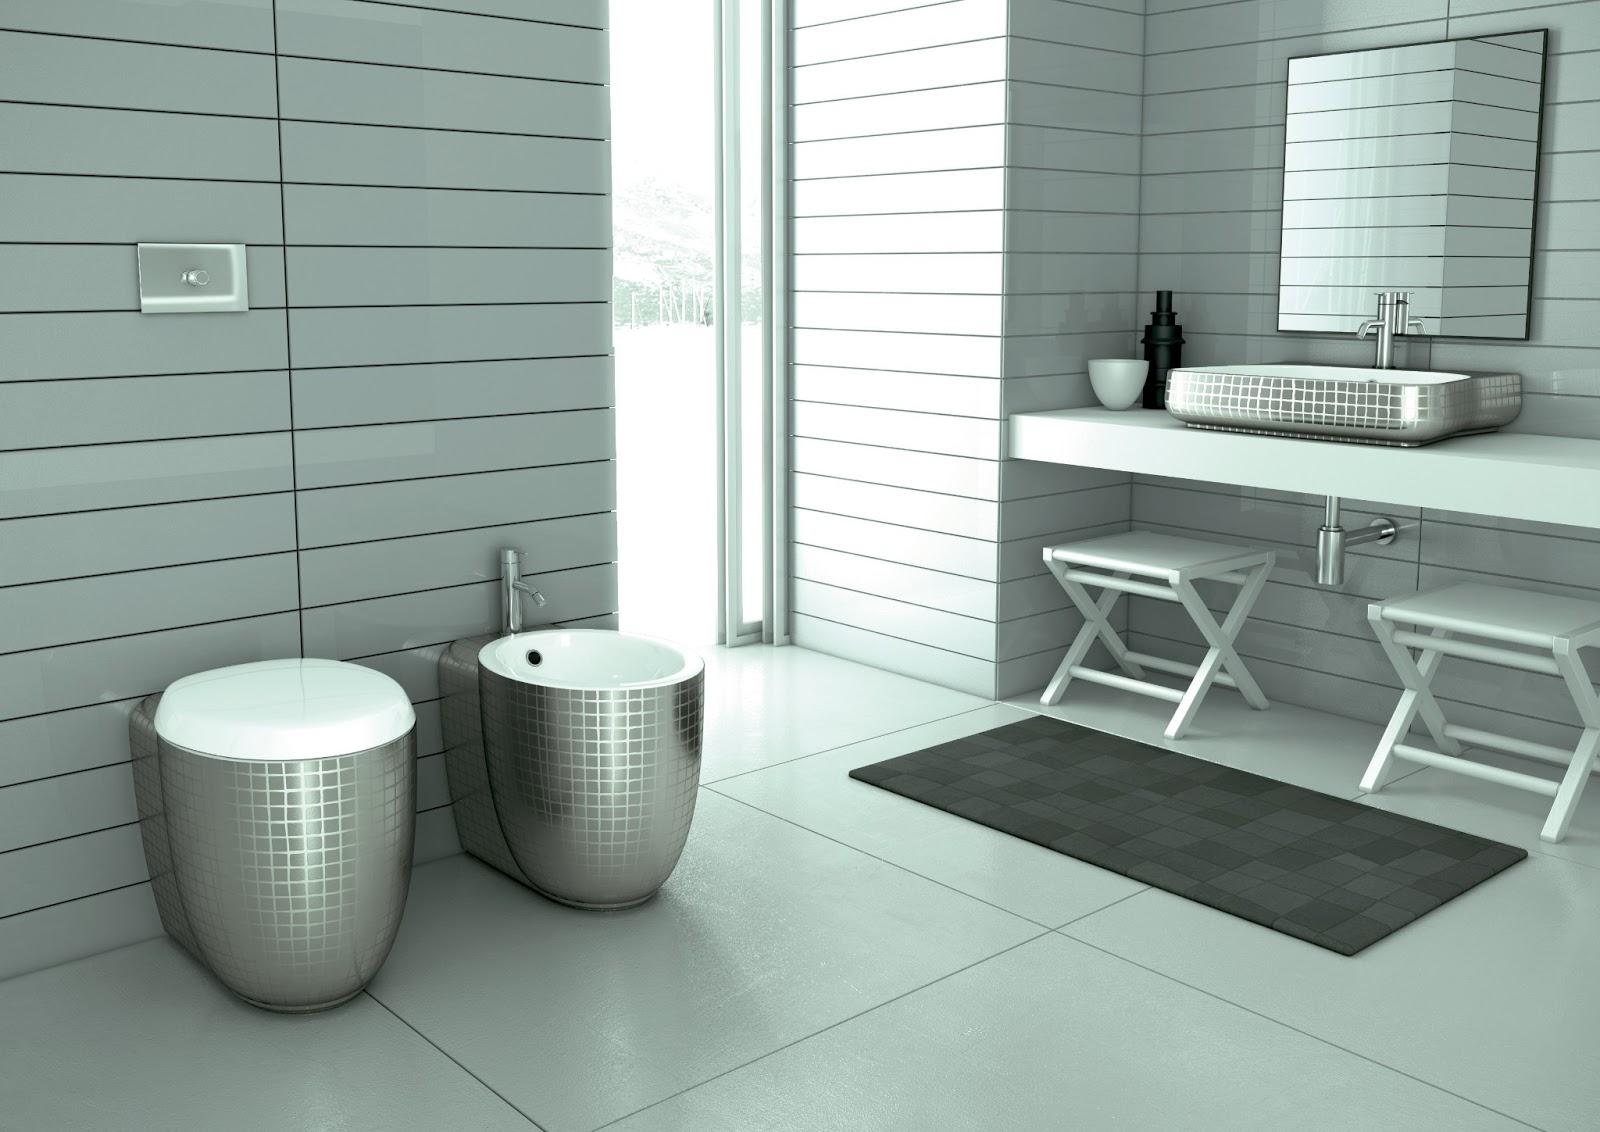 Bagno chimico per ufficio arredamento per bagni moderni e bagni